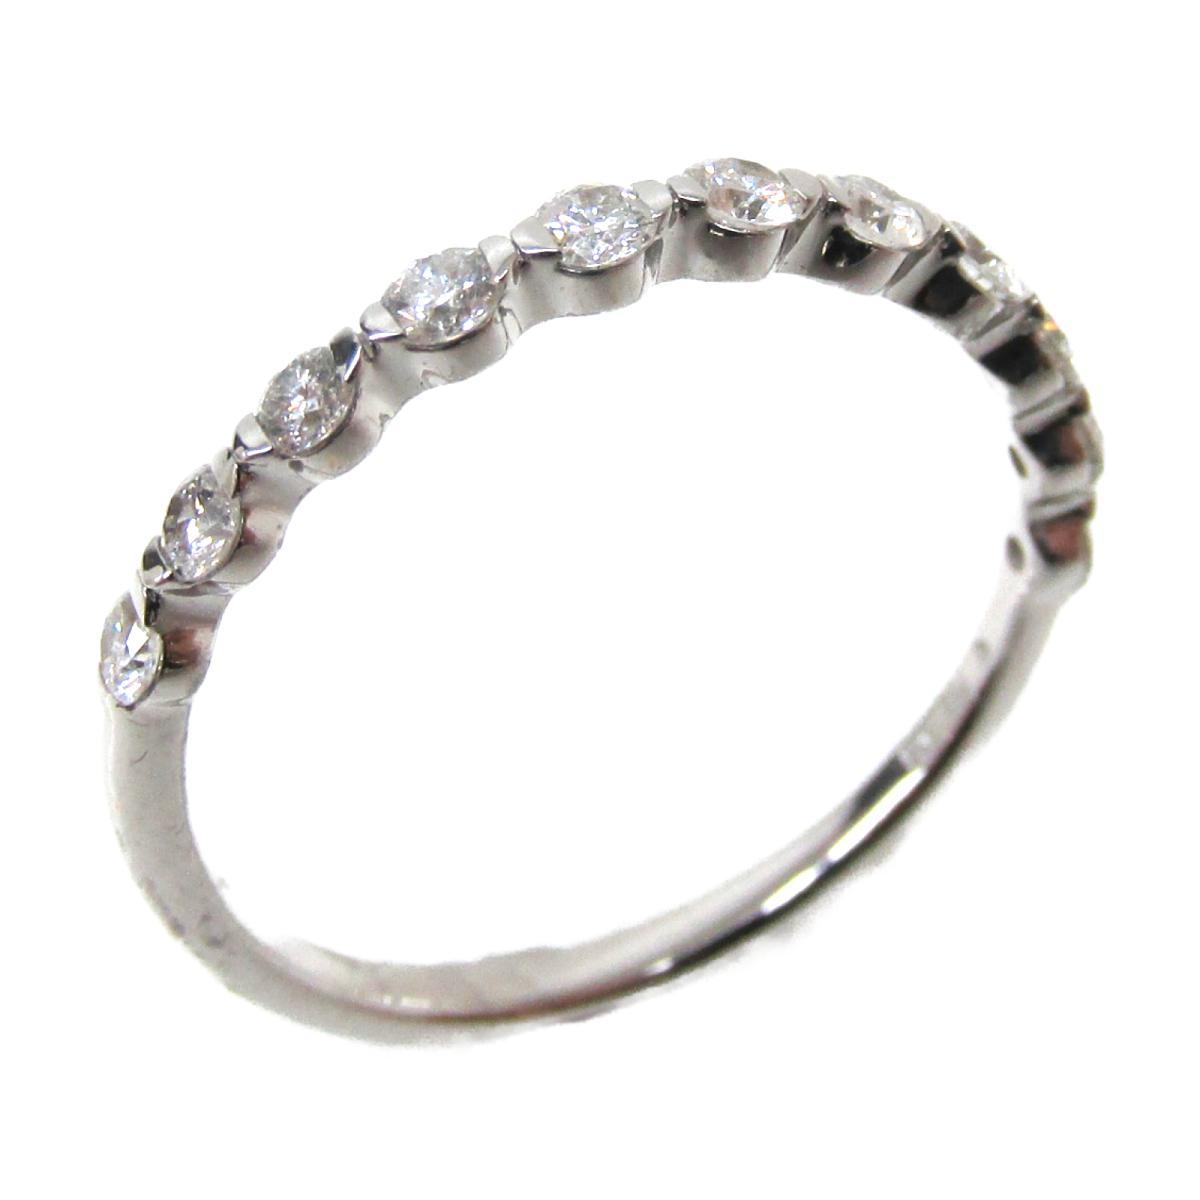 【中古】 ジュエリー ダイヤモンドリング 指輪 レディース K18WG (750) ホワイトゴールド x ダイヤモンド (0.33ct) | JEWELRY BRANDOFF ブランドオフ ブランド アクセサリー リング